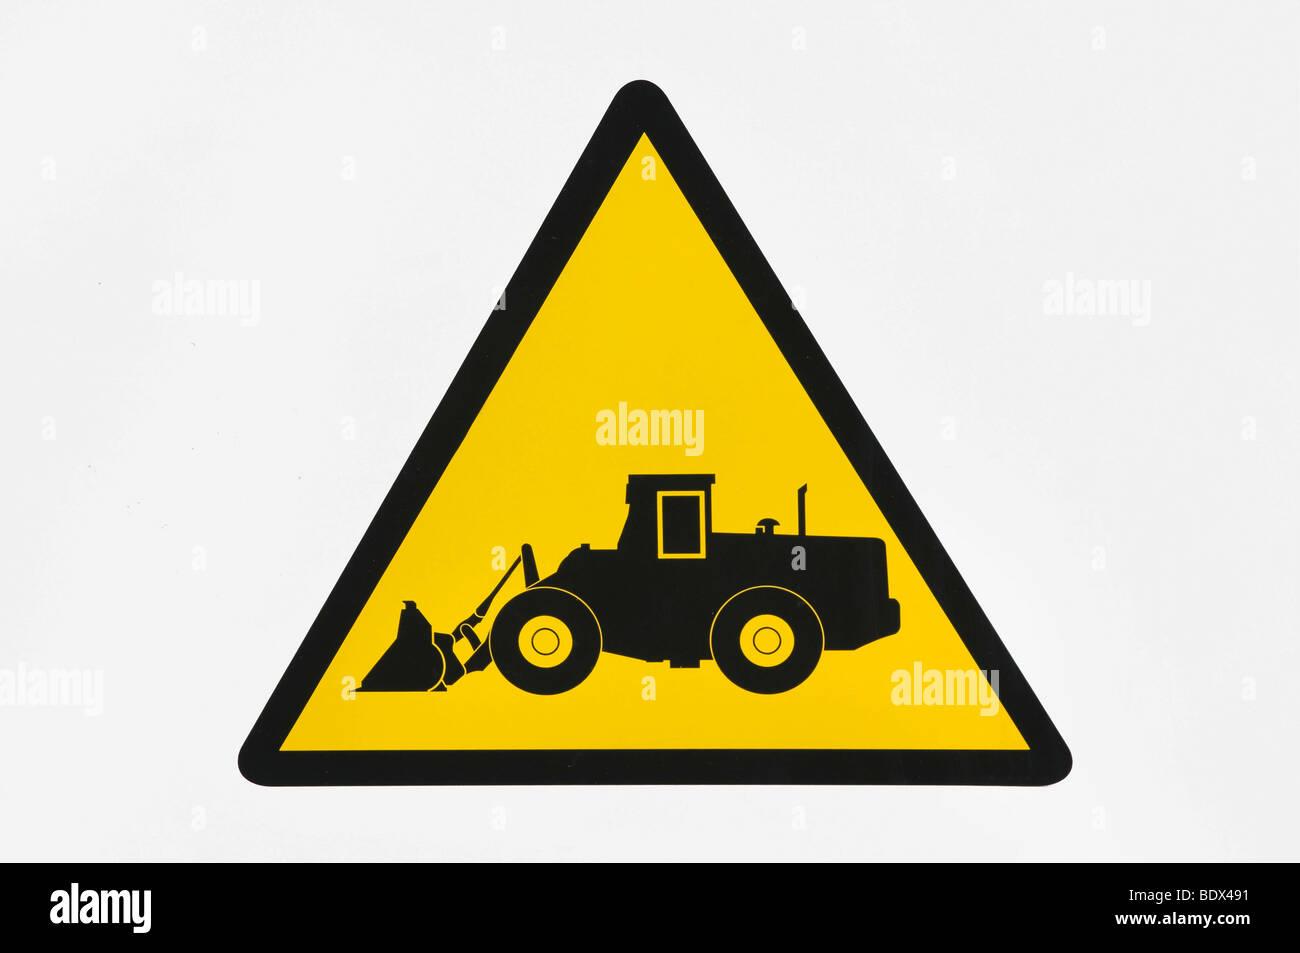 Señal de advertencia, ten cuidado con los vehículos de construcción Imagen De Stock